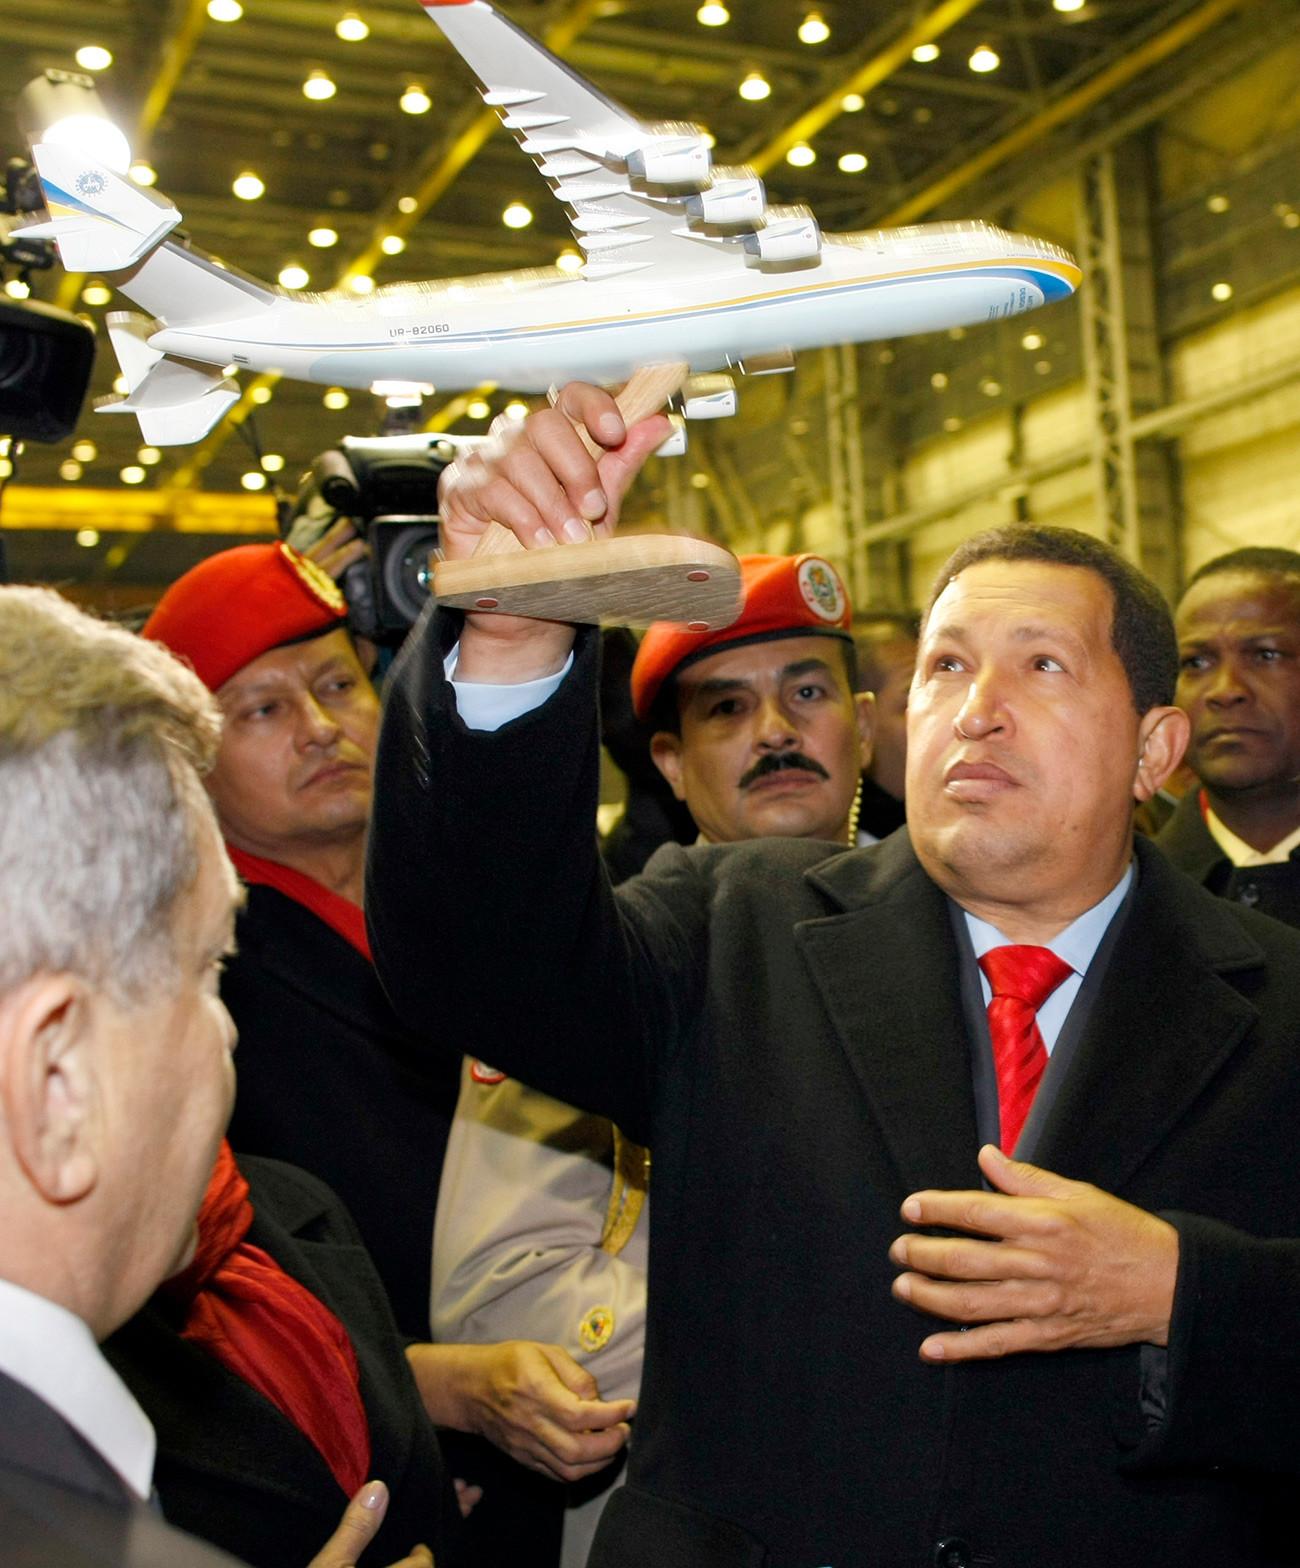 ウゴ・チャベスはアントノフ航空工場の訪問中